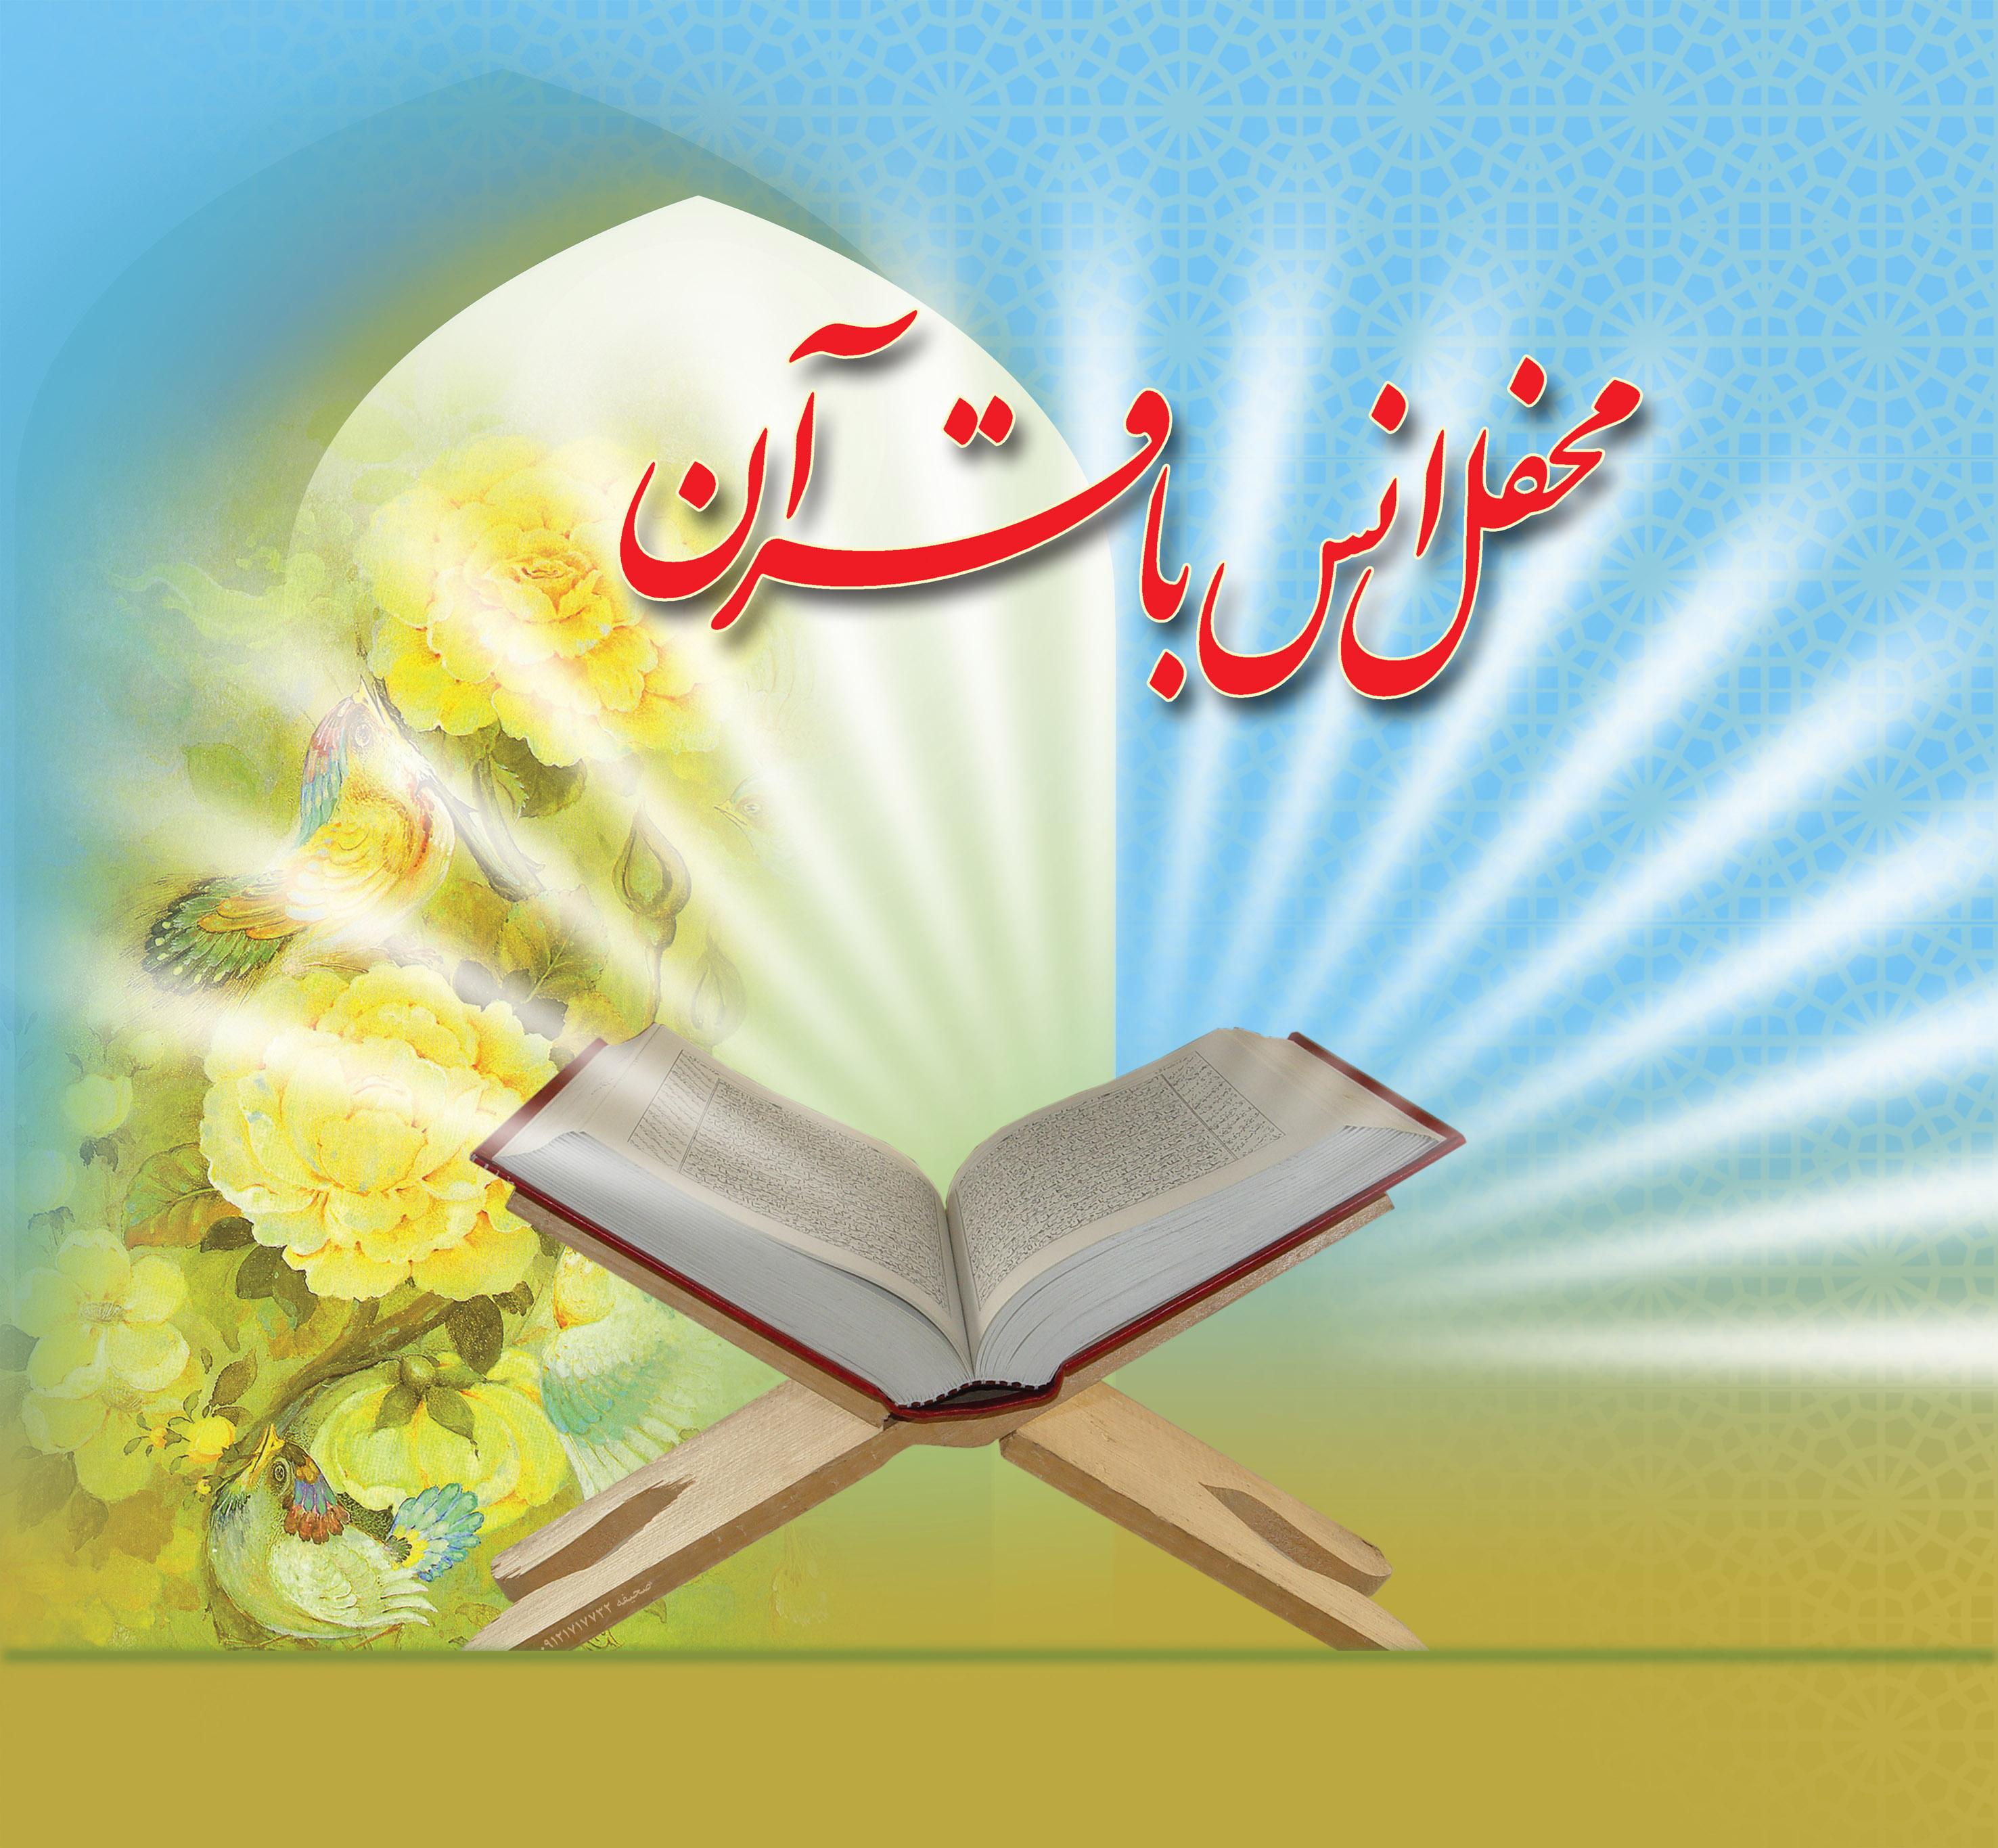 دعوت نامه محفل انس باقرآن حسن آباد حضرت صادق الائمه علیه السلام